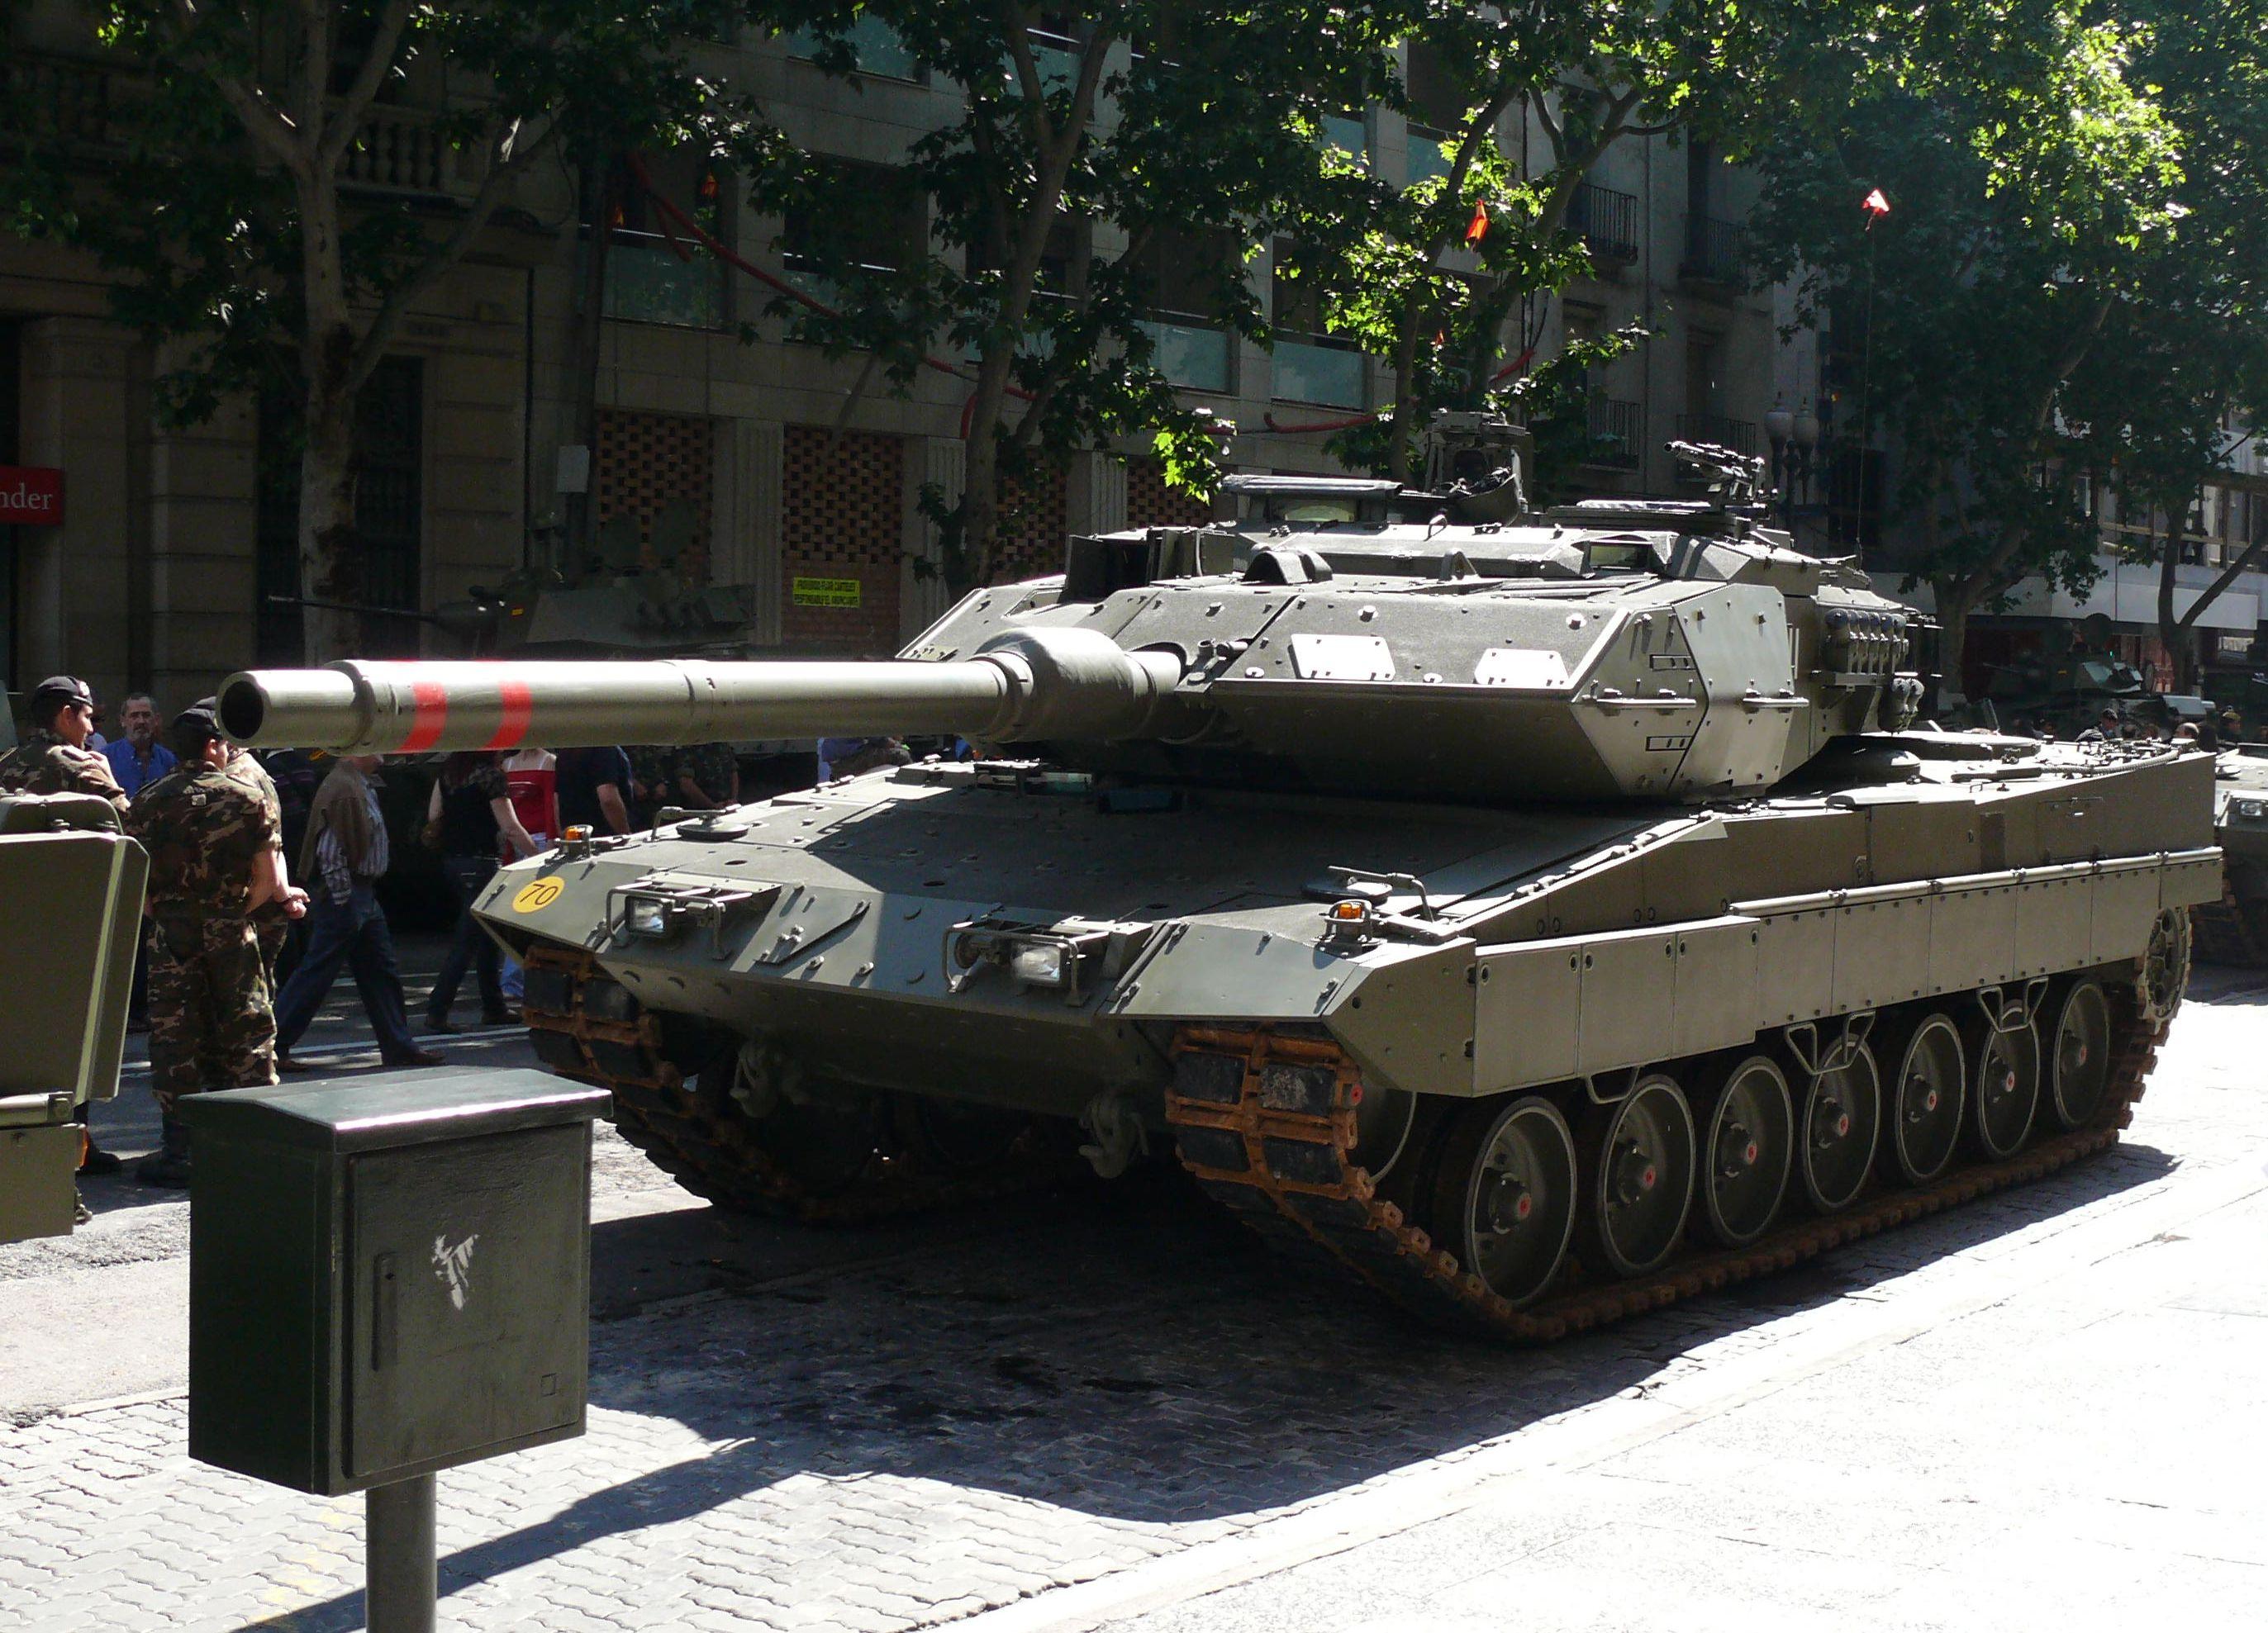 Испания примет участие в самых крупных учениях НАТО с момента окончания холодной войны